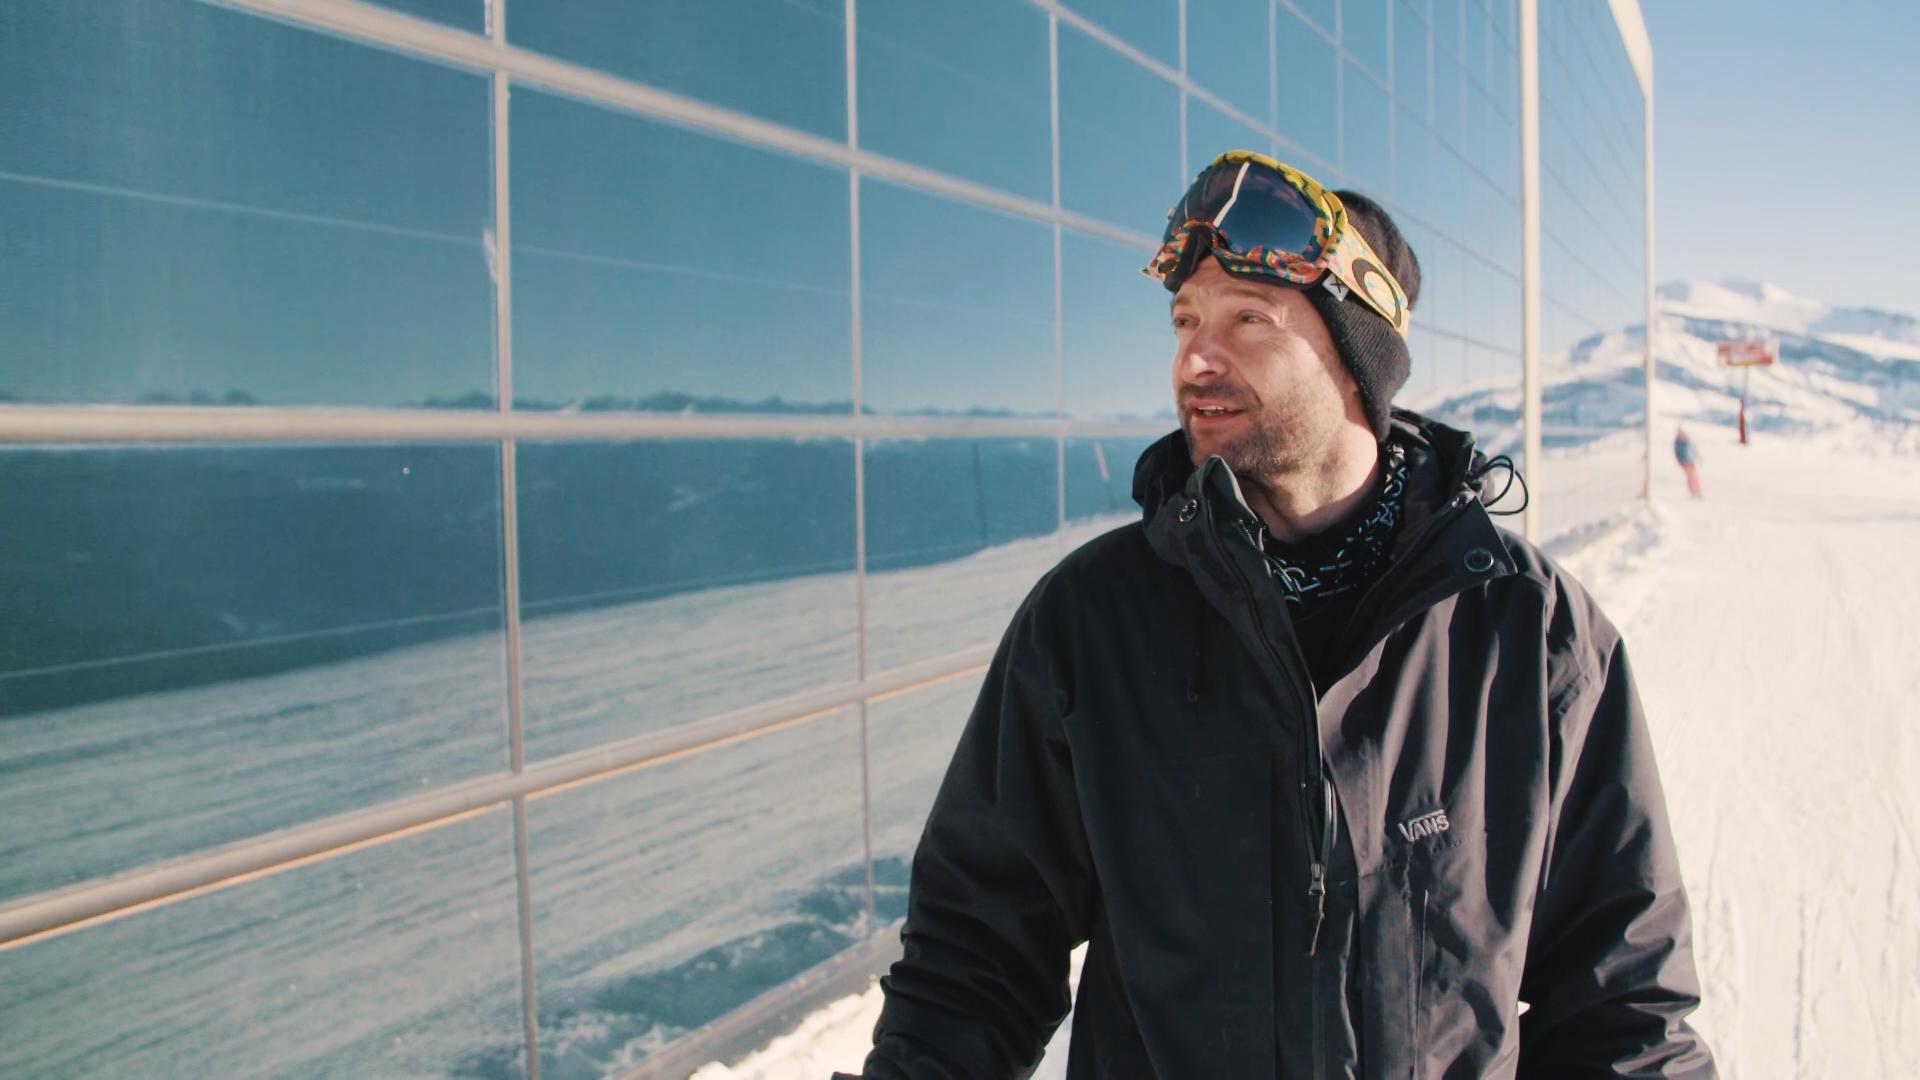 Nachhaltiger Tourismus: LAAX will erstes selbstversorgendes Winterresort der Welt werden